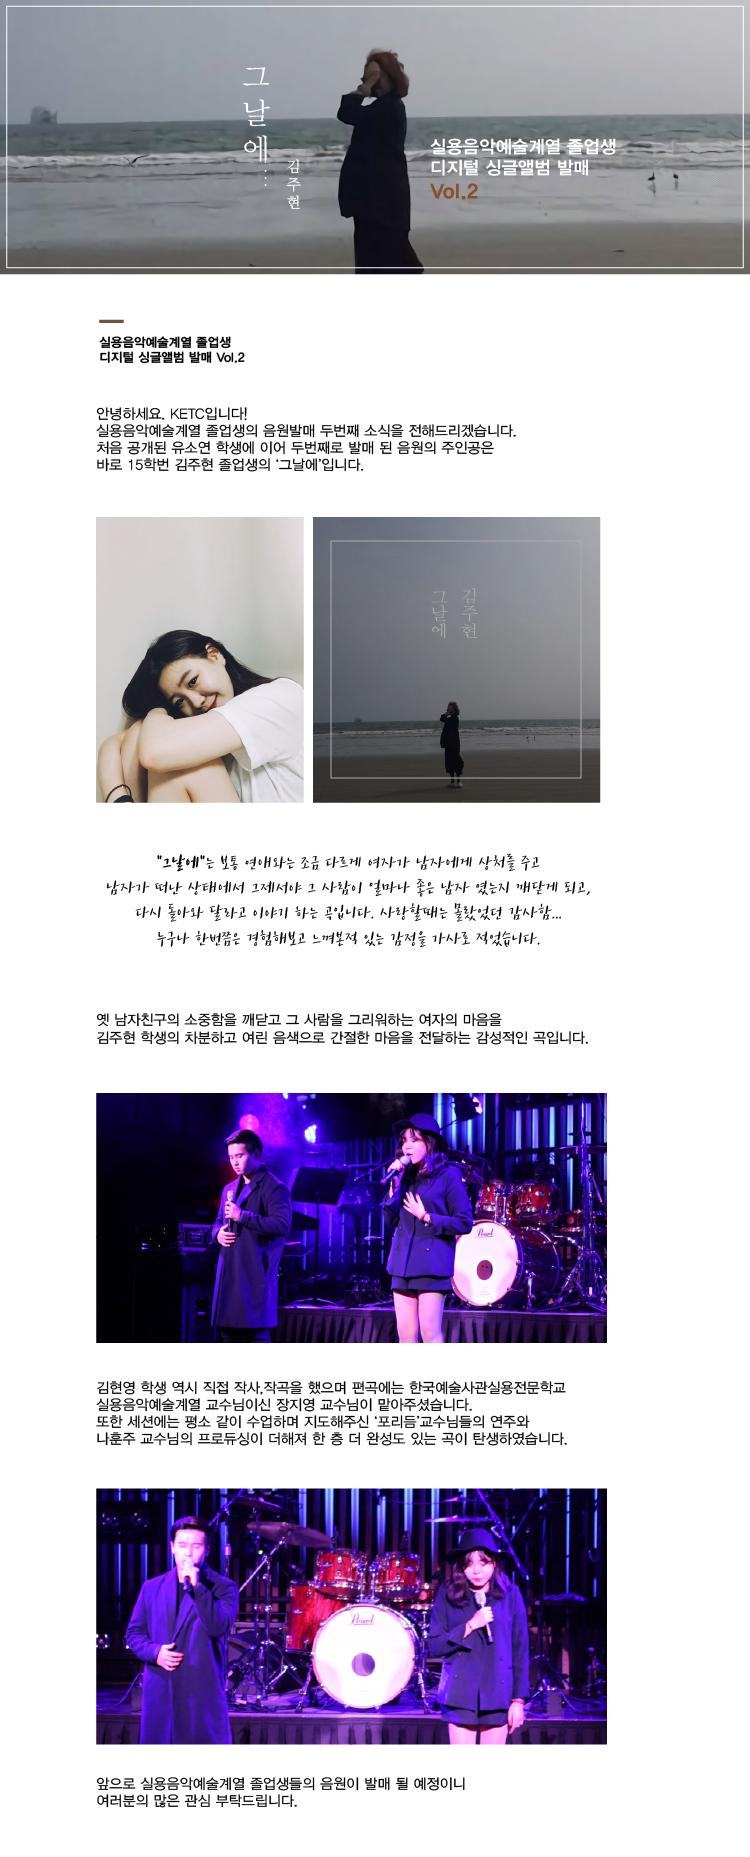 실용음악예술계열 졸업생 디지털싱글앨범발매 Vol.2